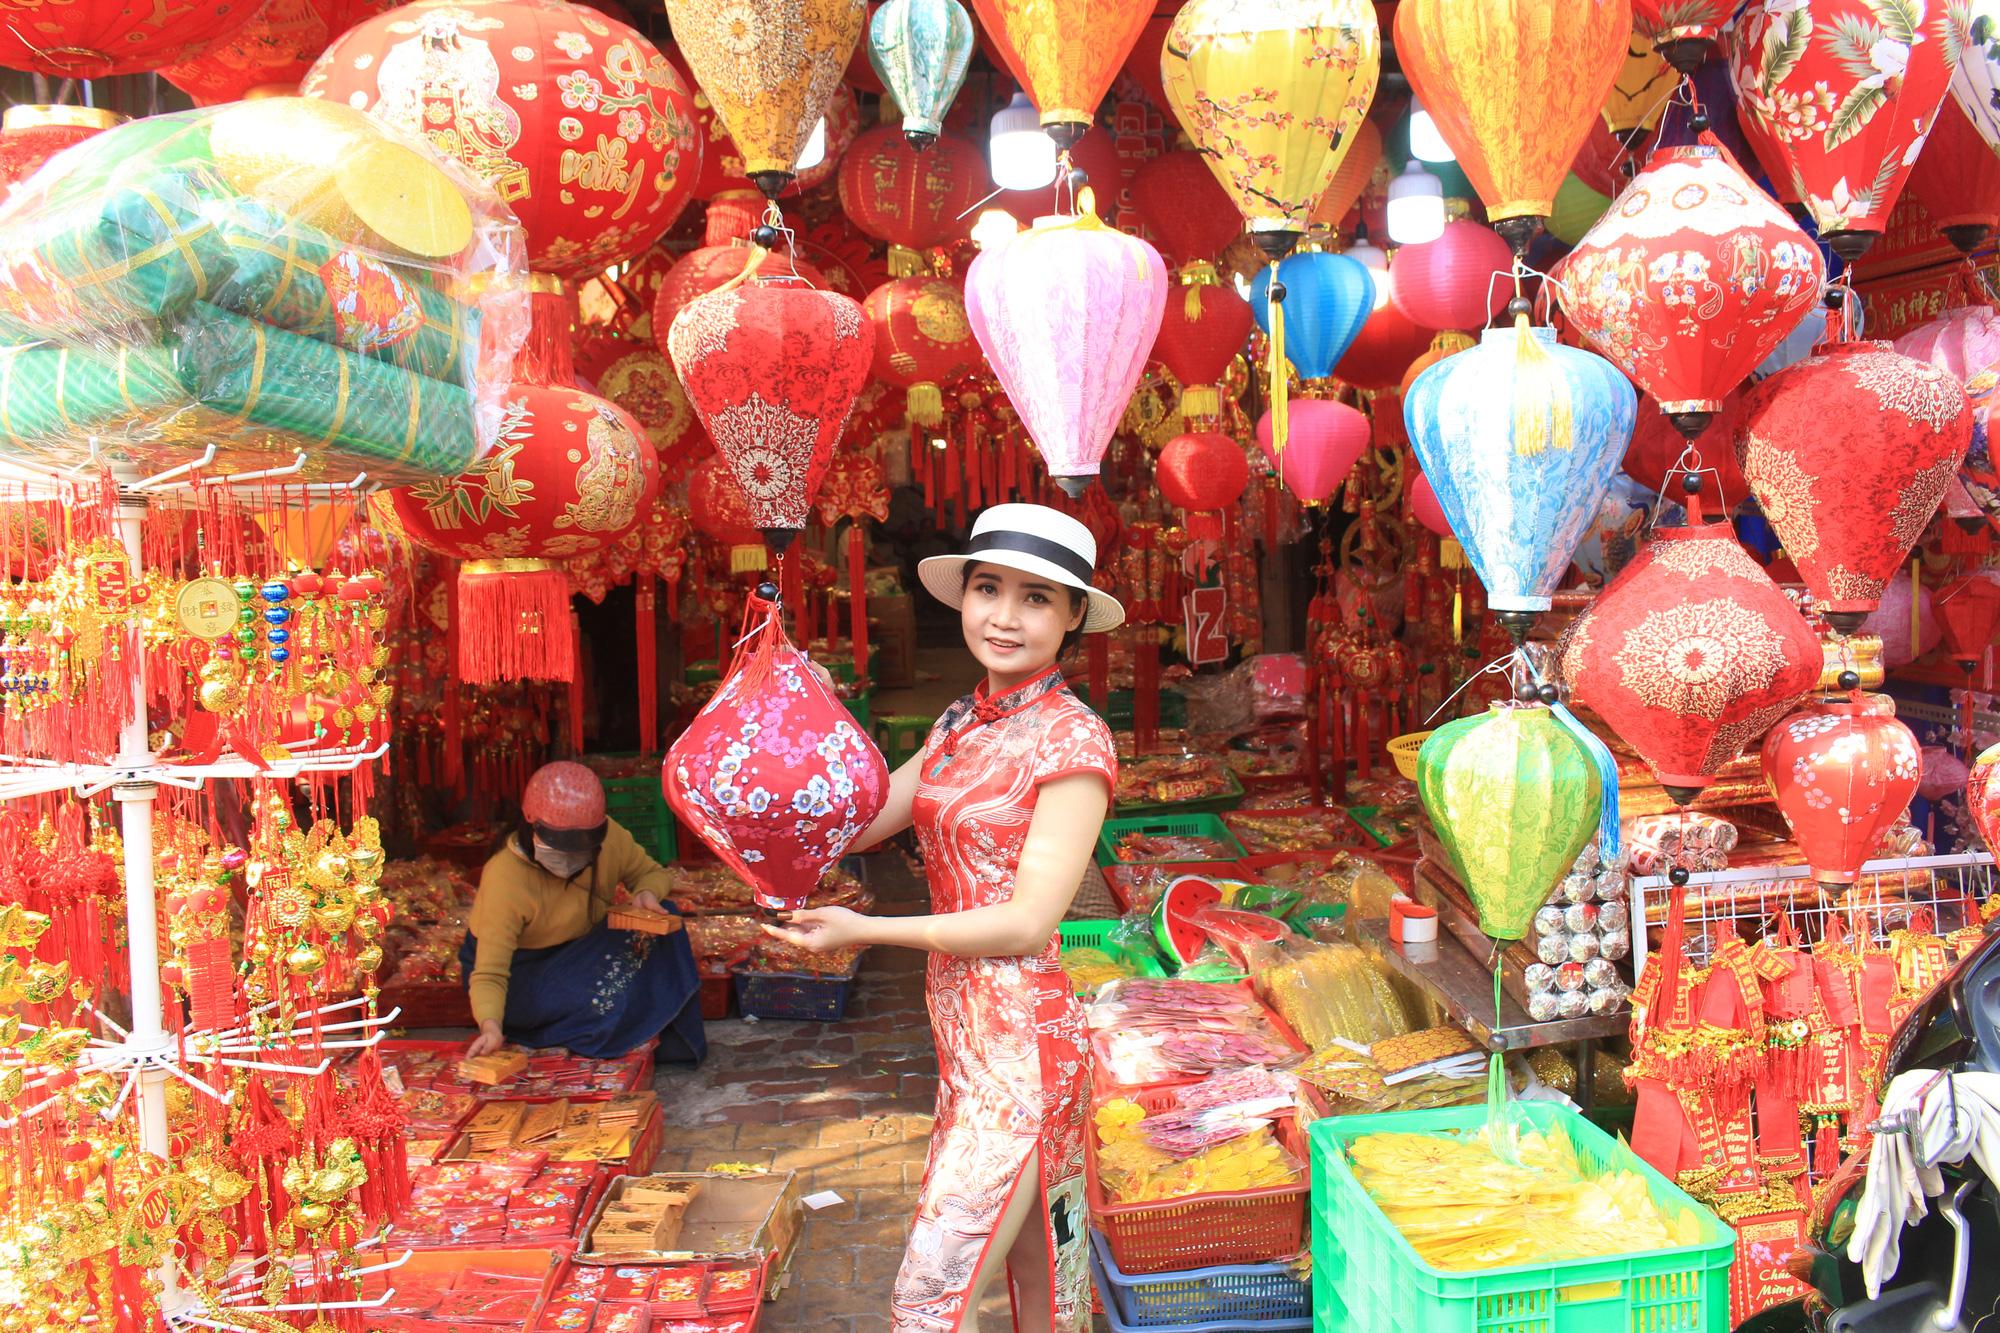 Giới trẻ check-in tuyến đường tết đỏ rực ở Sài Gòn, người bán vui vẻ nhưng tiết lộ điều này - Ảnh 6.